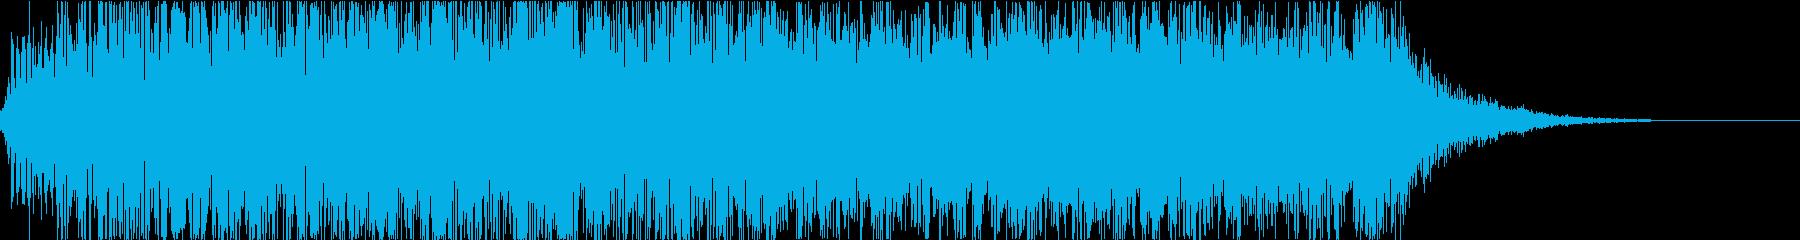 怪物・モンスターの鳴き声・ゲーム・映画bの再生済みの波形